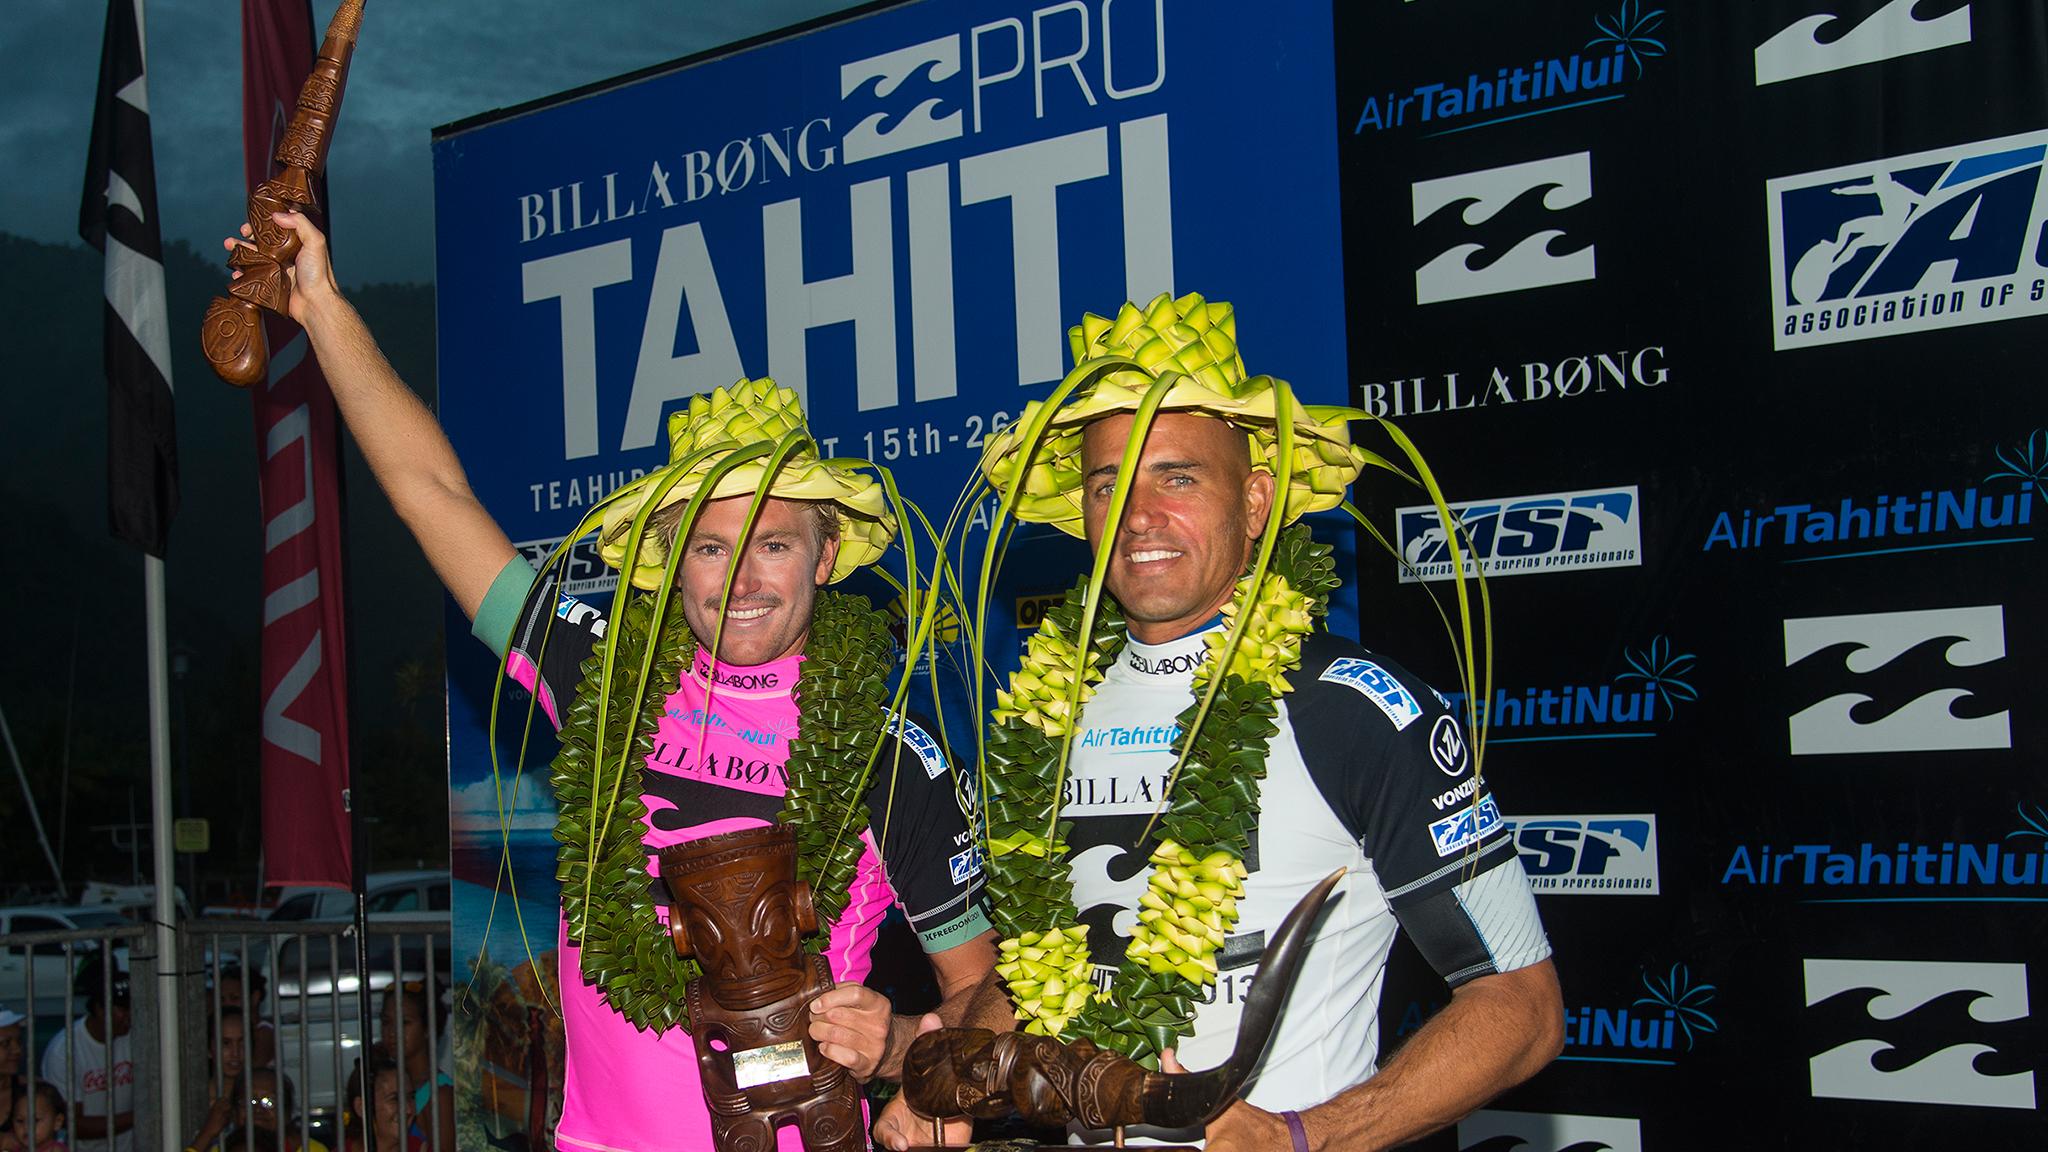 Billabong Pro Tahiti Winners